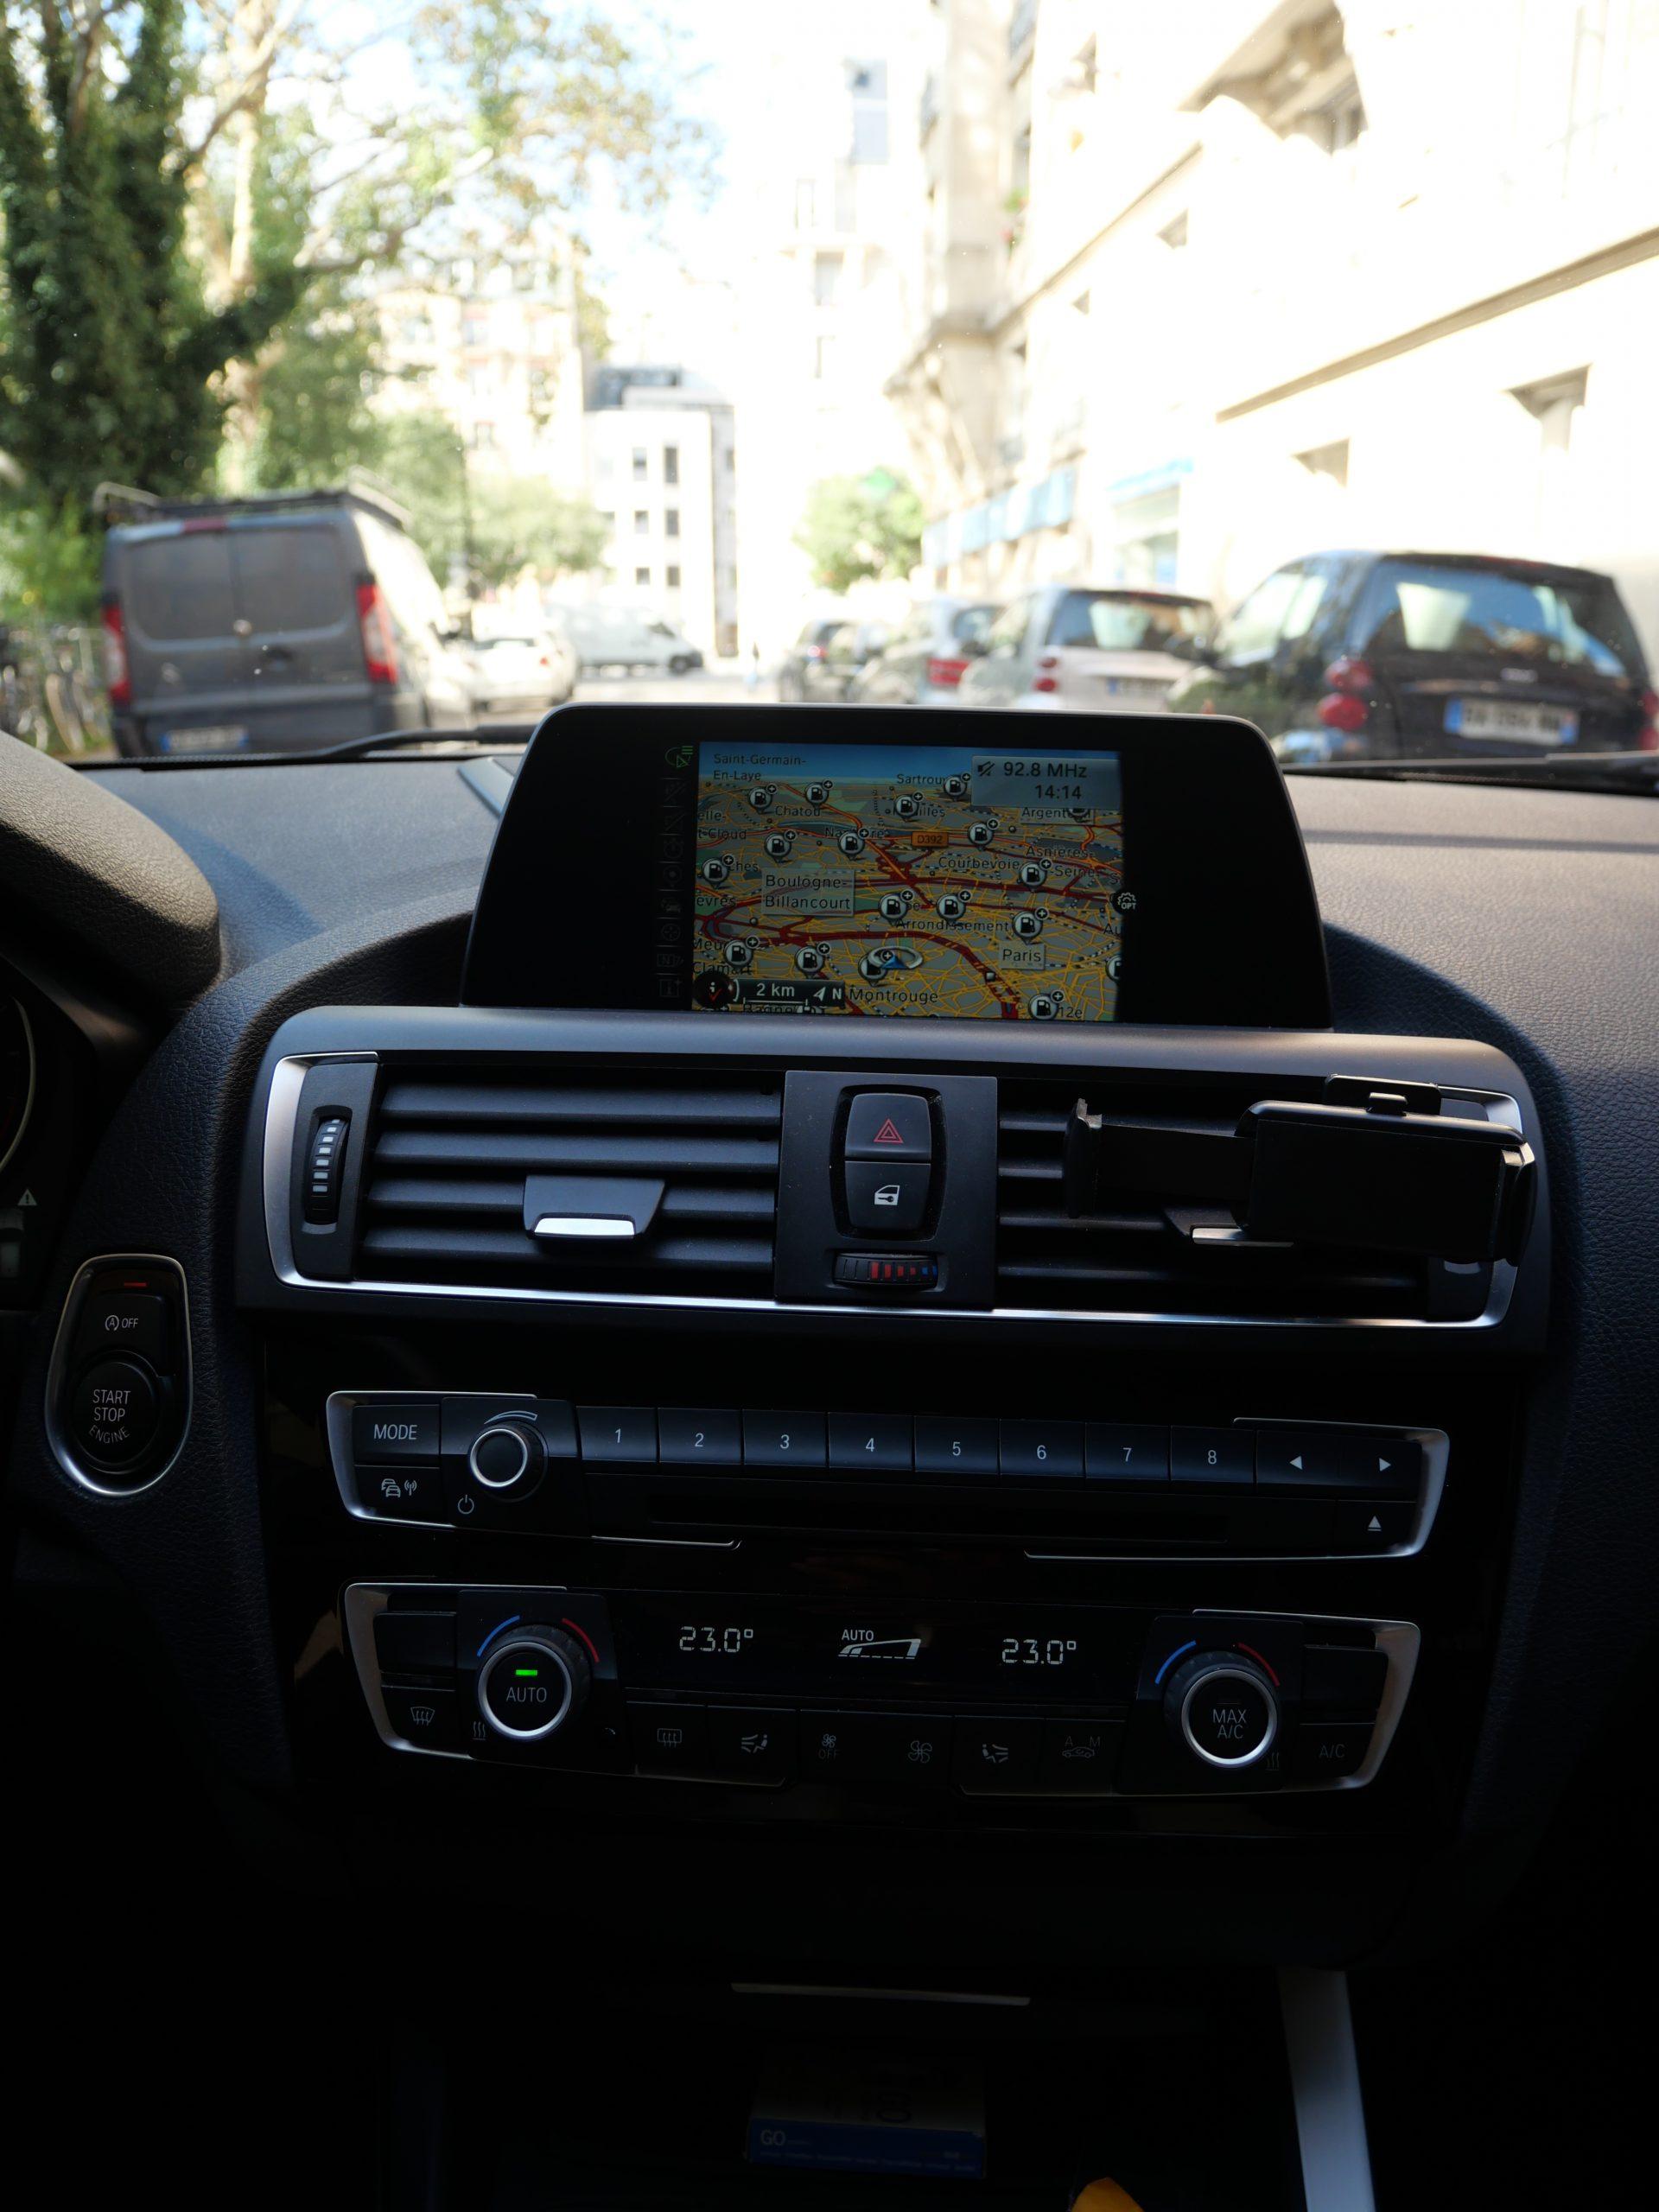 BMW Série 1 (F20) XDrive LCI 120d 2.0 d 190ch 17